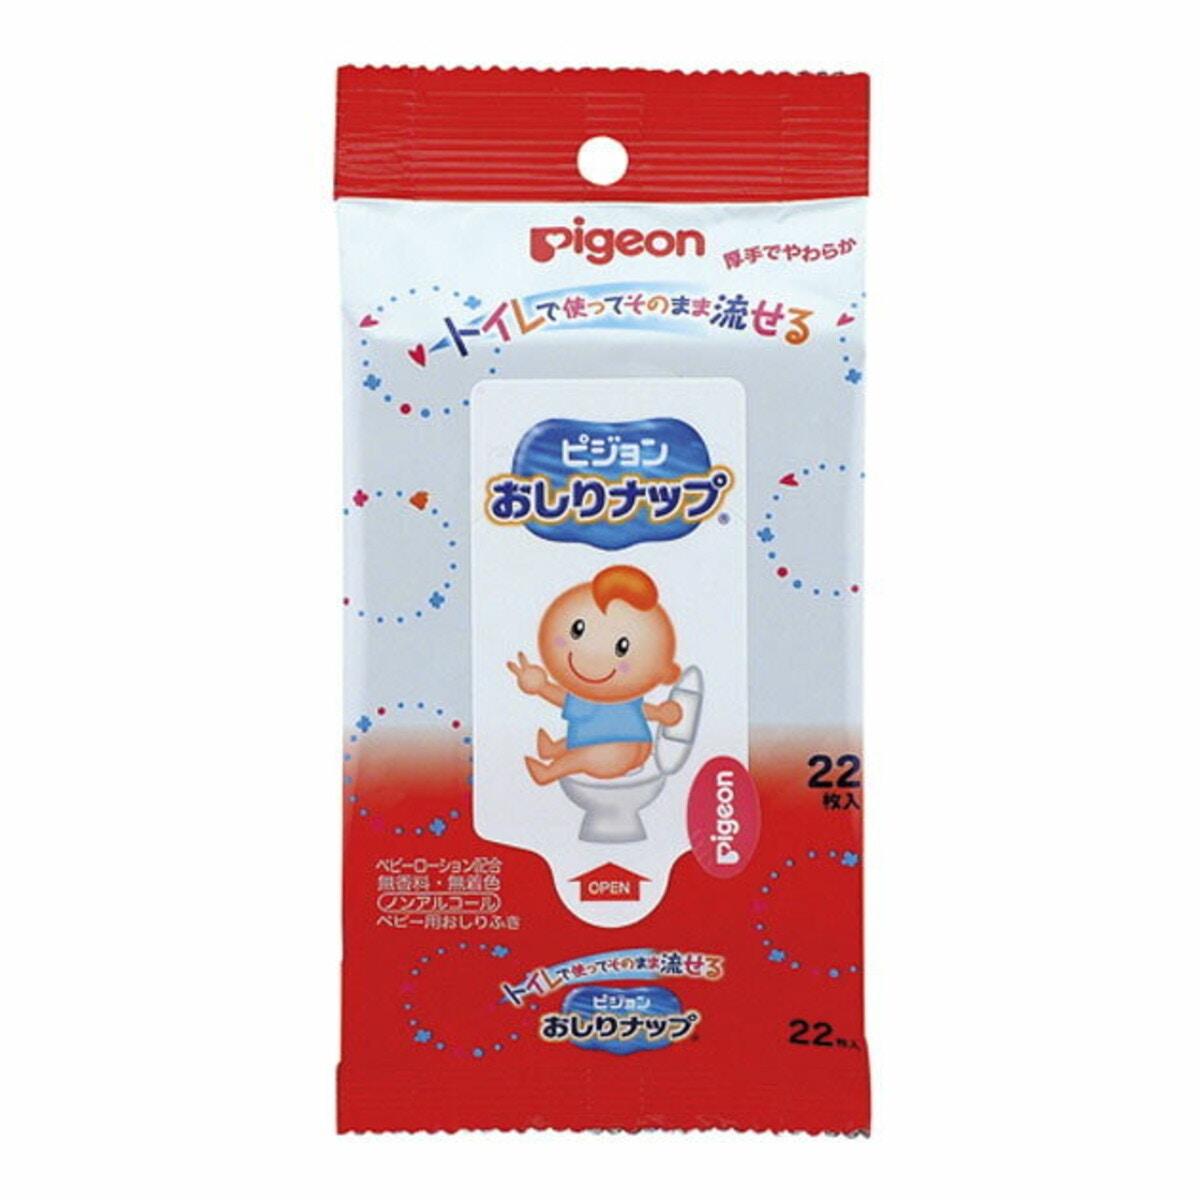 トイレ用品 Pigeon (ピジョン) トイレで使ってそのまま流せるおしりナップ おでかけ用22枚入